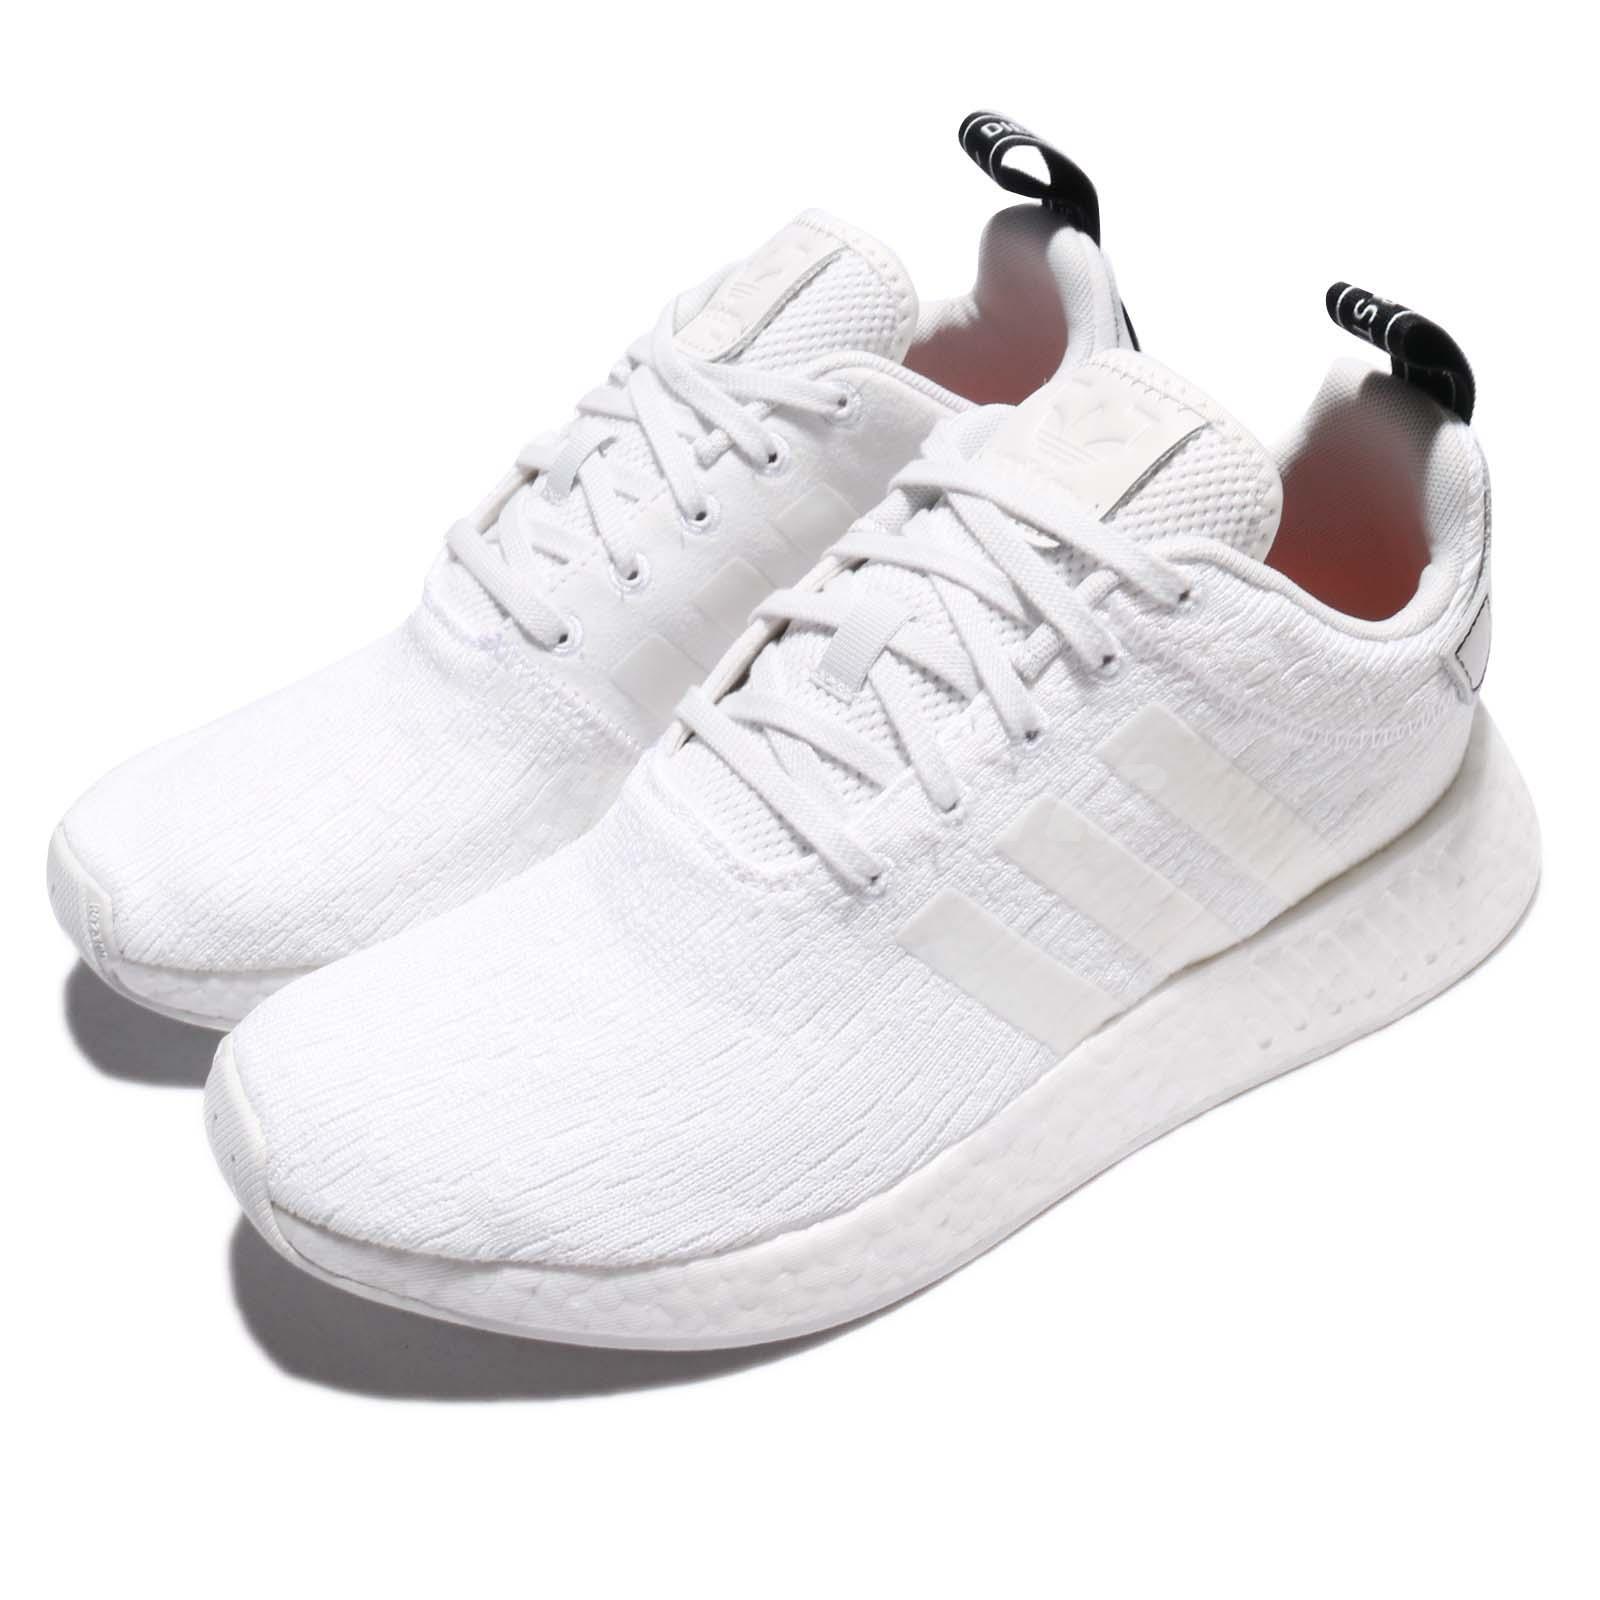 reputable site f3c70 e66b9 2018 Nuovi Adidas Originals NMD R2 REGNO UNITO tutte le taglie 6 12 Crystal  White BY9914